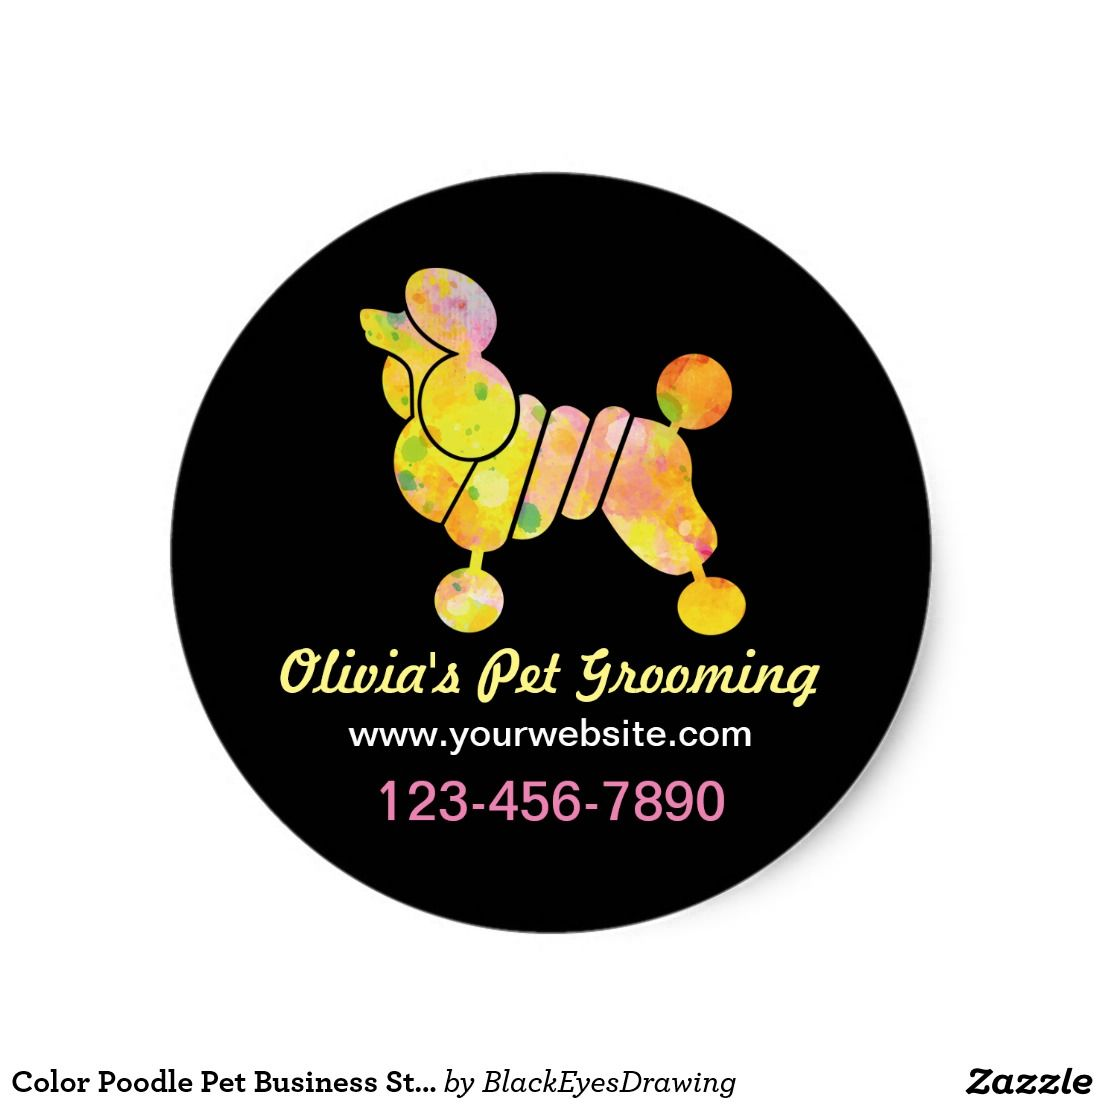 Color Poodle Pet Business Sticker